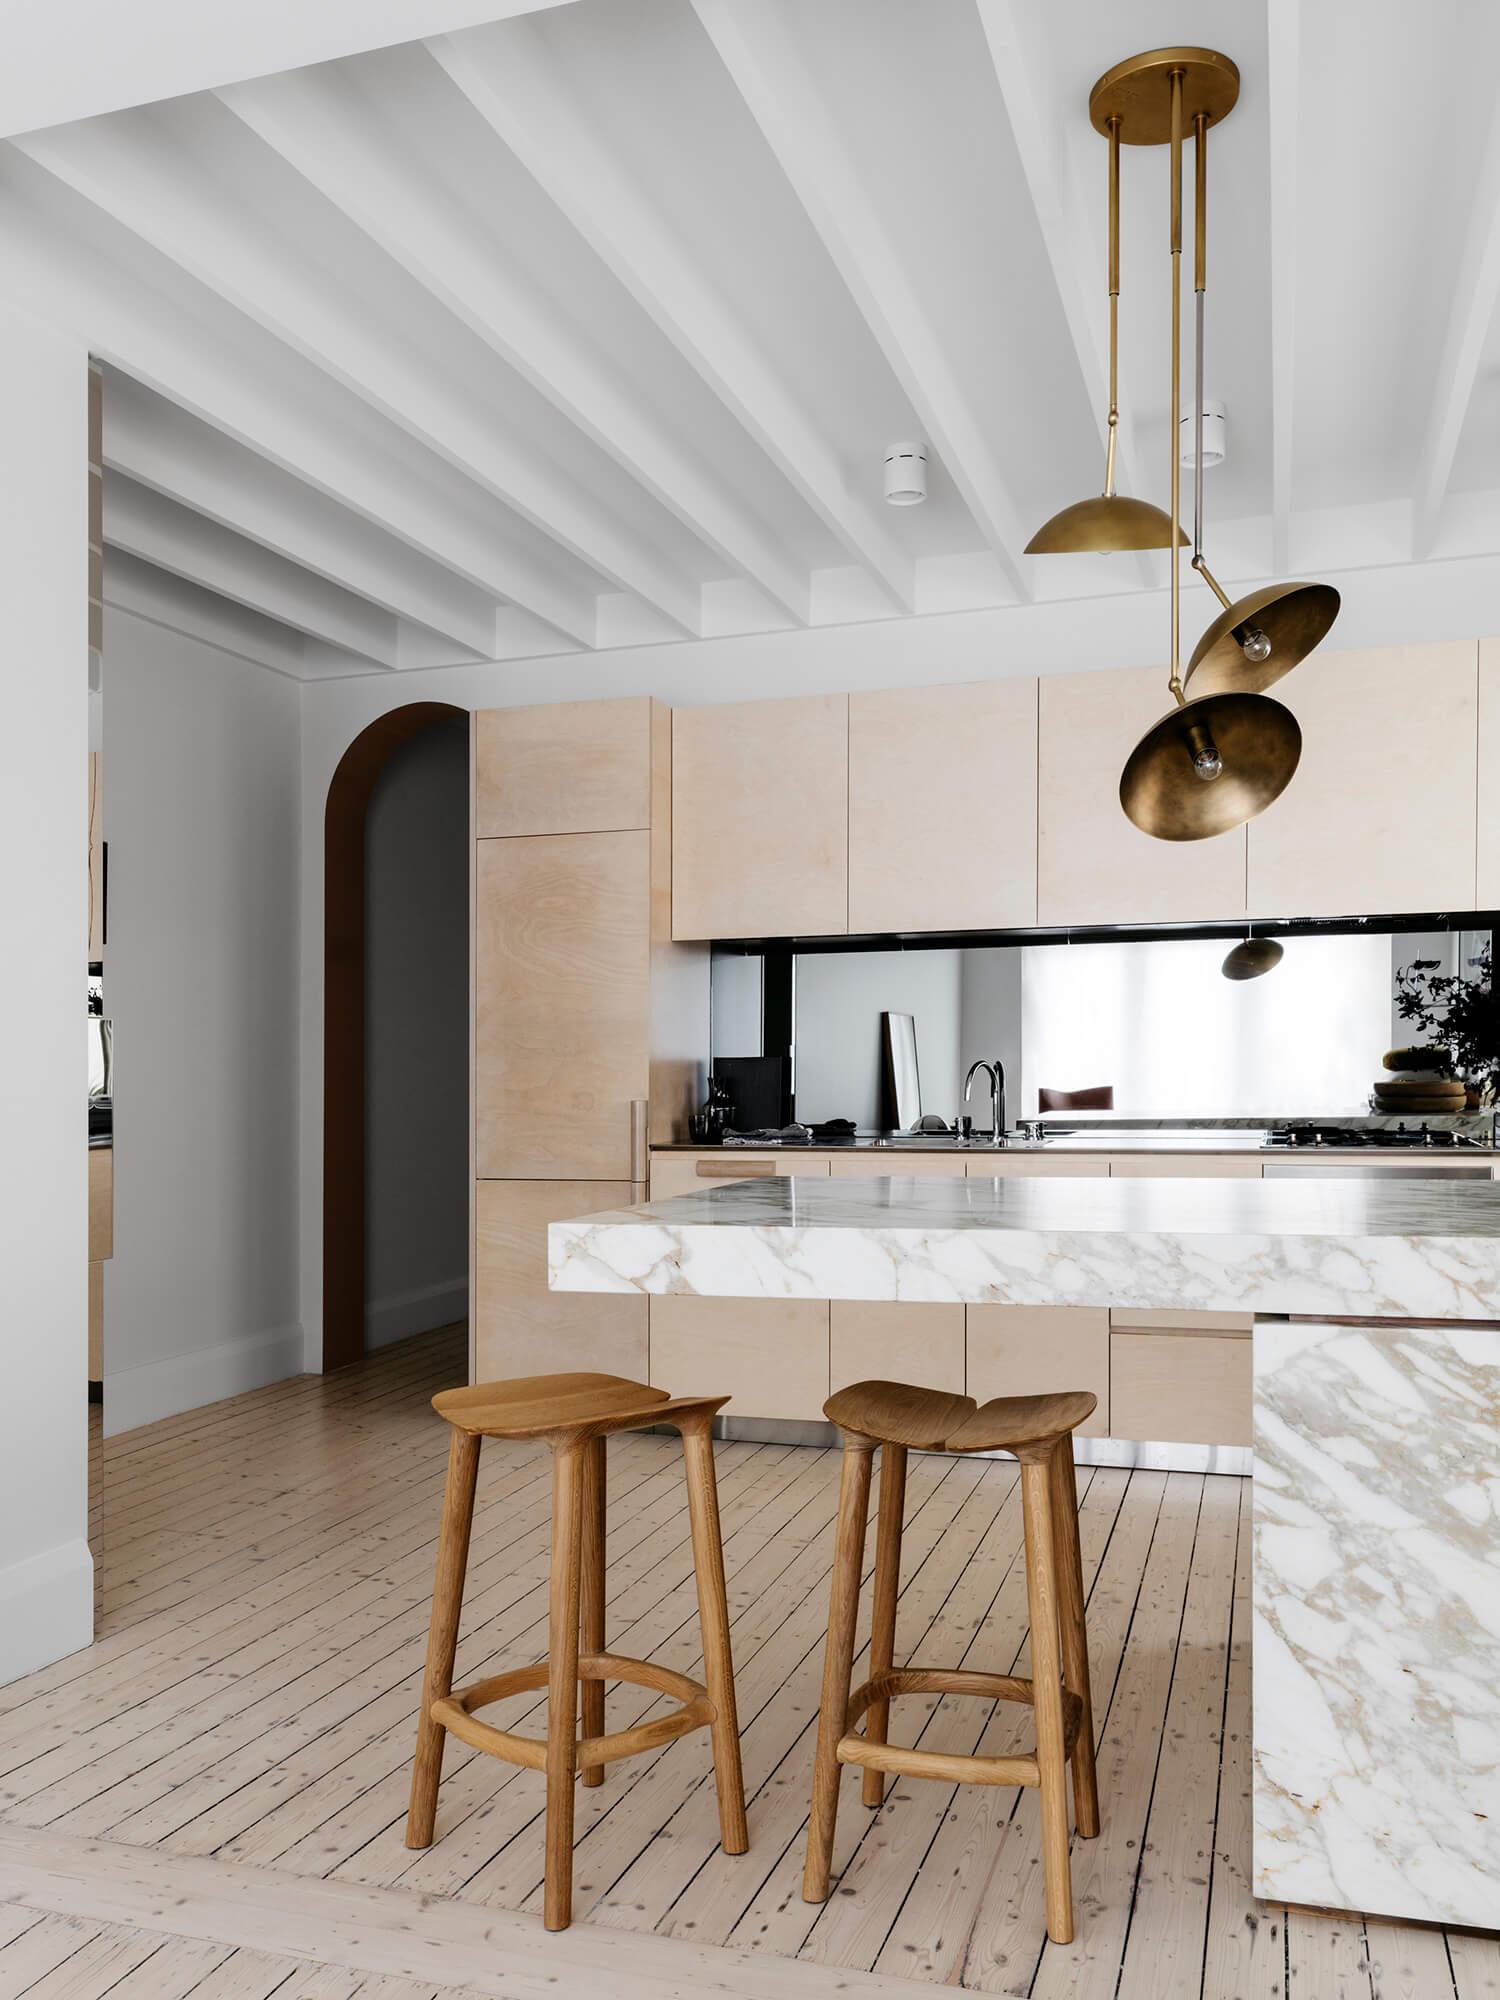 est living interiors Decus Interiors Tamarama House 07